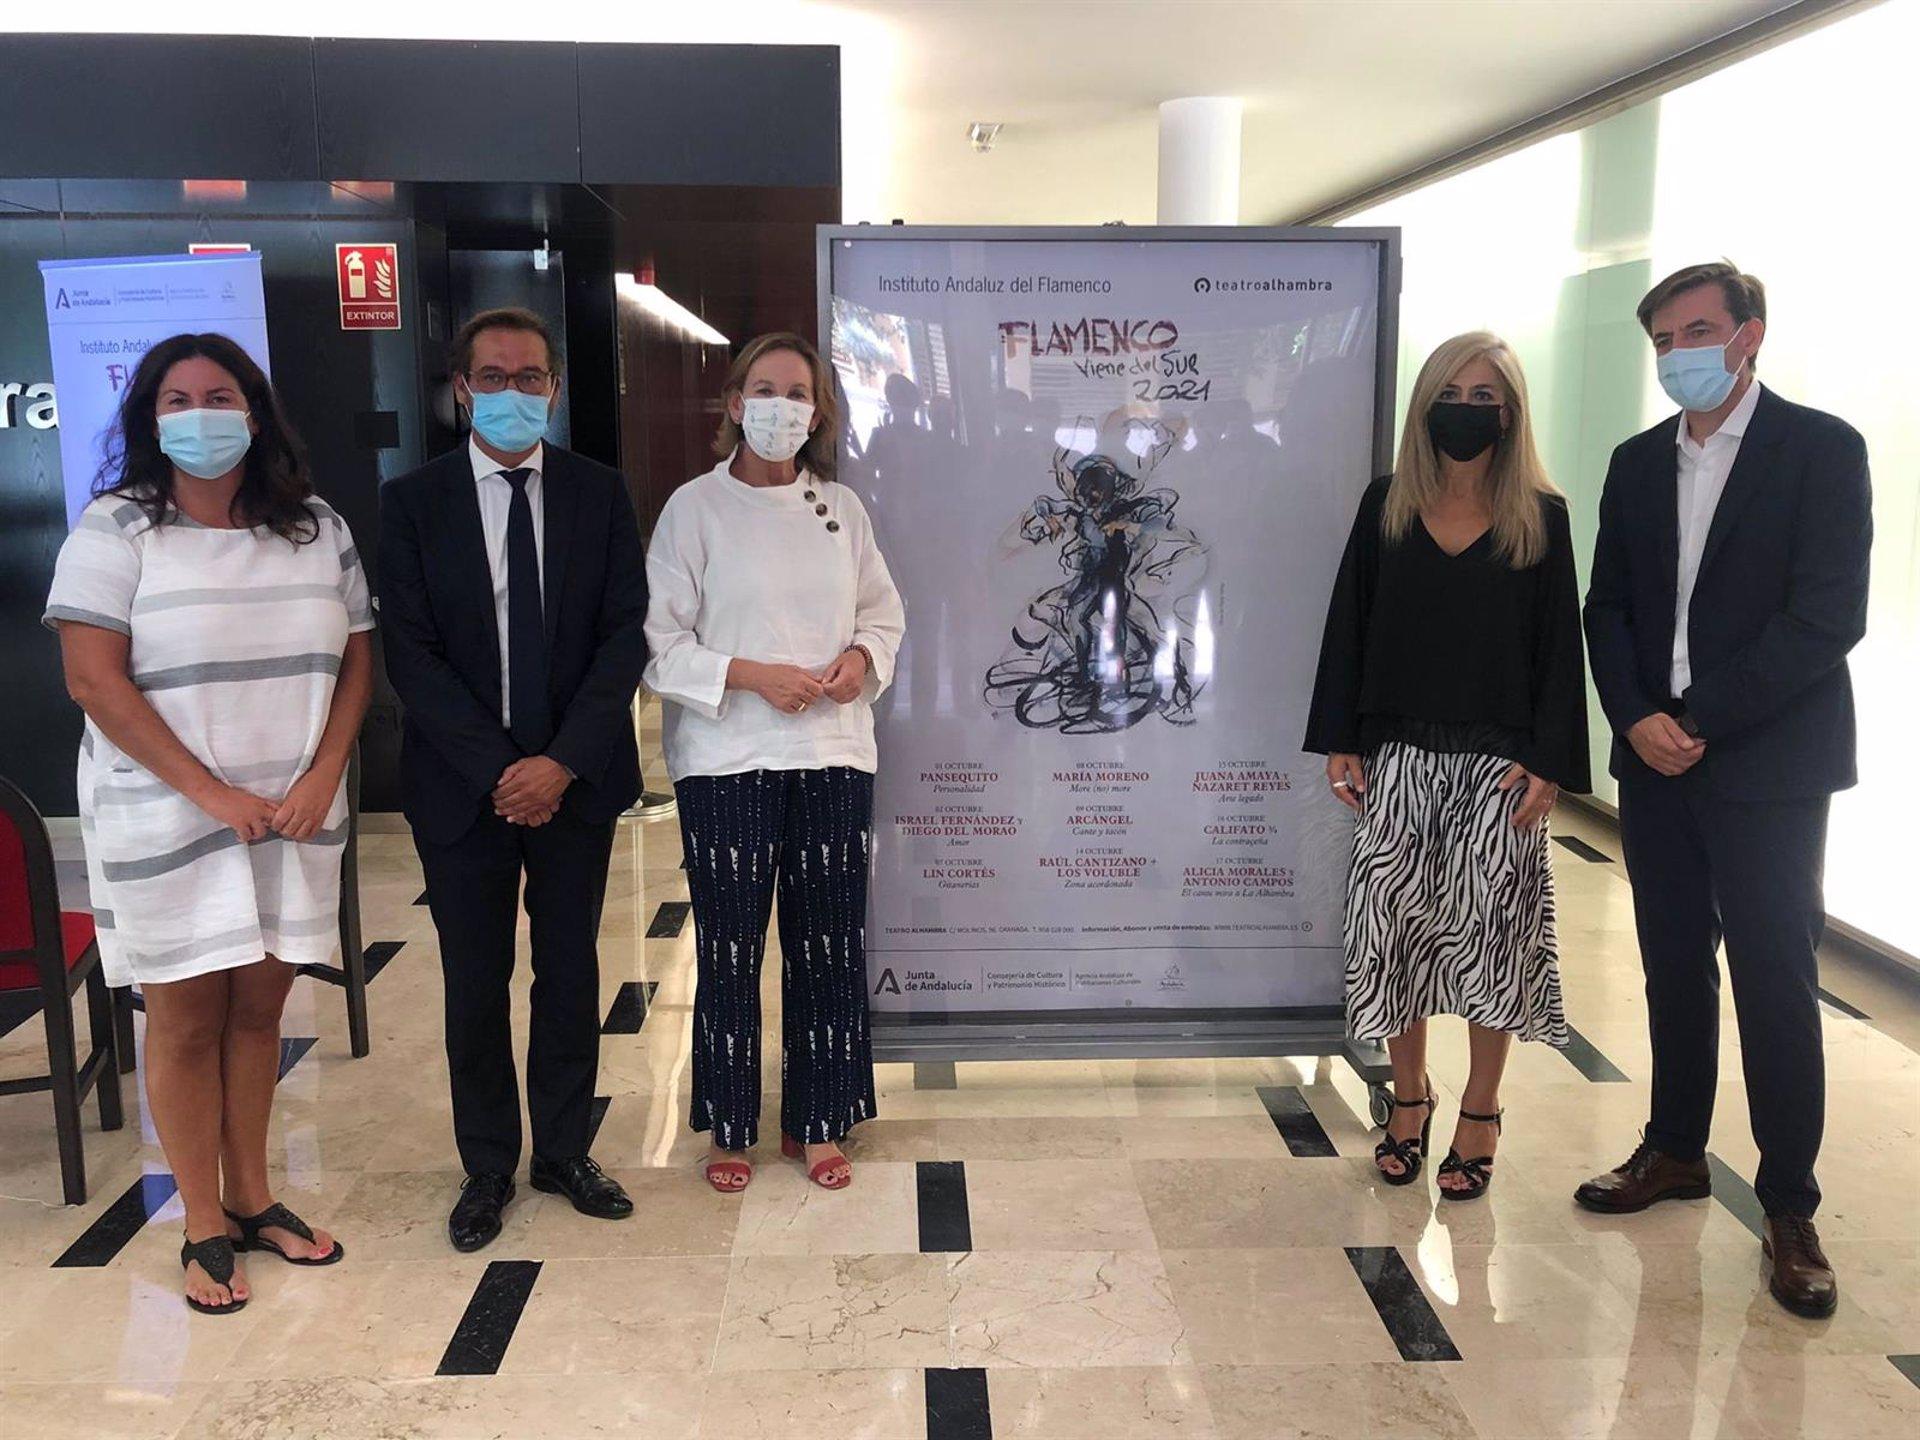 La Junta intensifica la oferta flamenca del Teatro Alhambra con nueve espectáculos en octubre